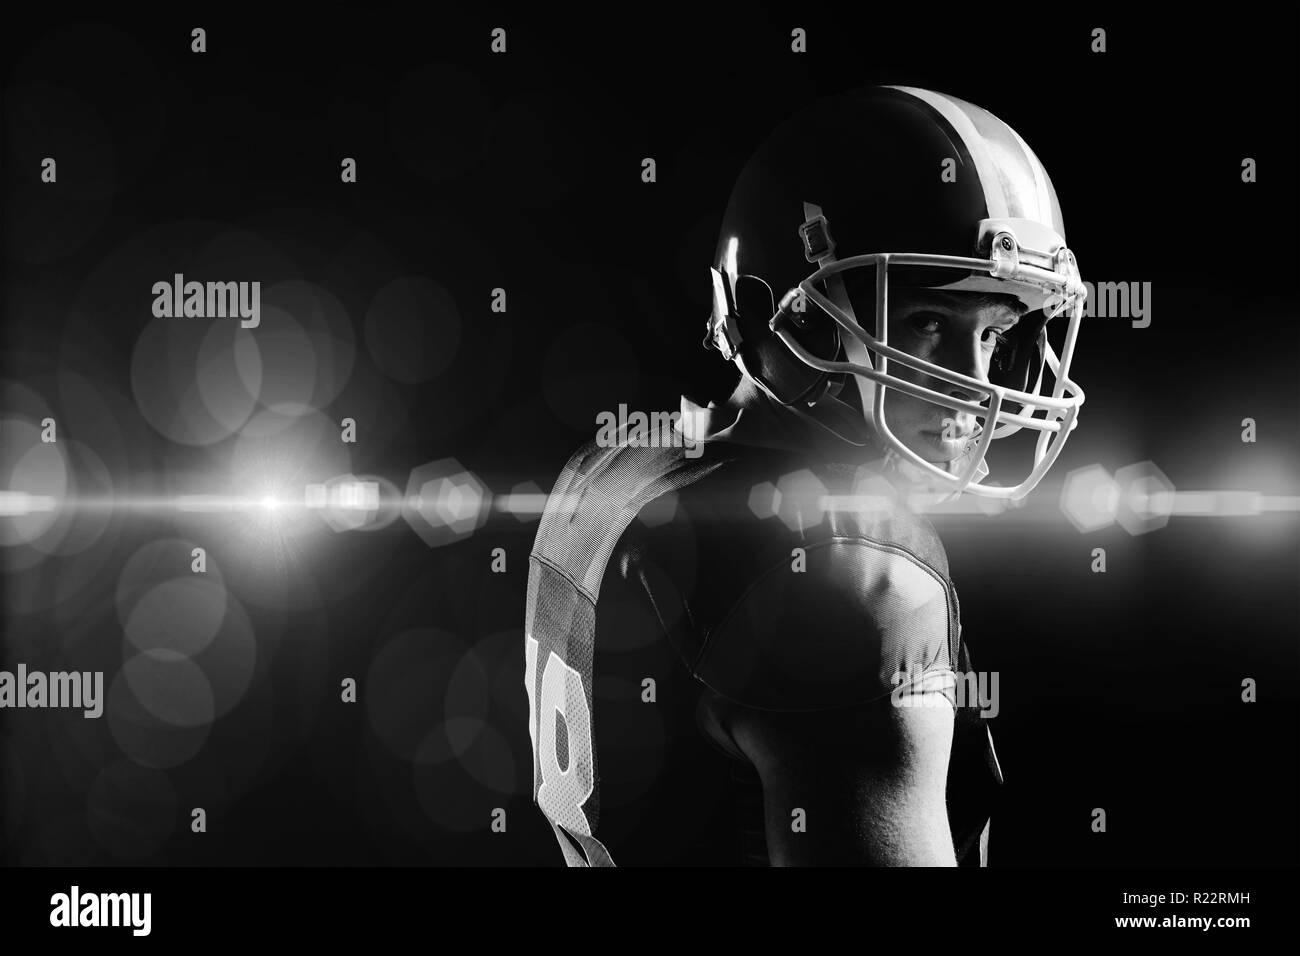 Joueur de football américain dans l'article casque sur fond noir Photo Stock